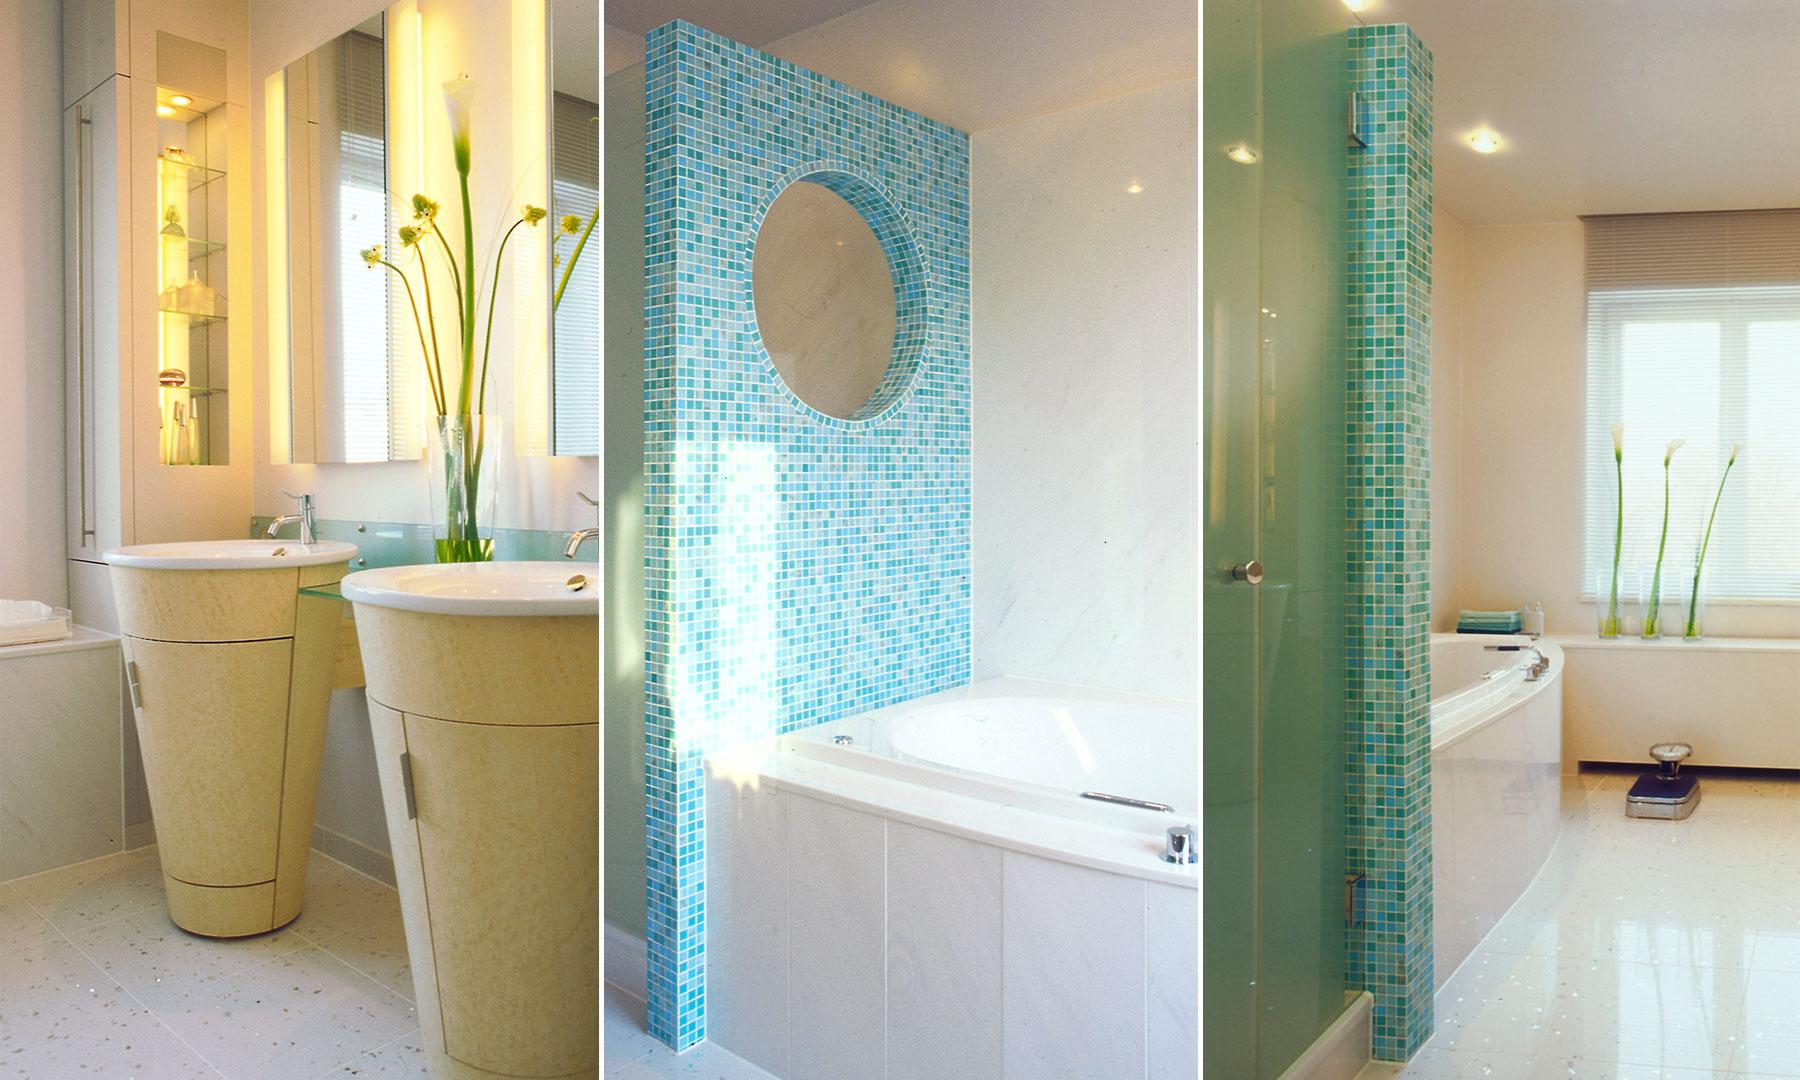 Referenzen Innenarchitektur SDW DESIGN Privathaus Badgestaltung